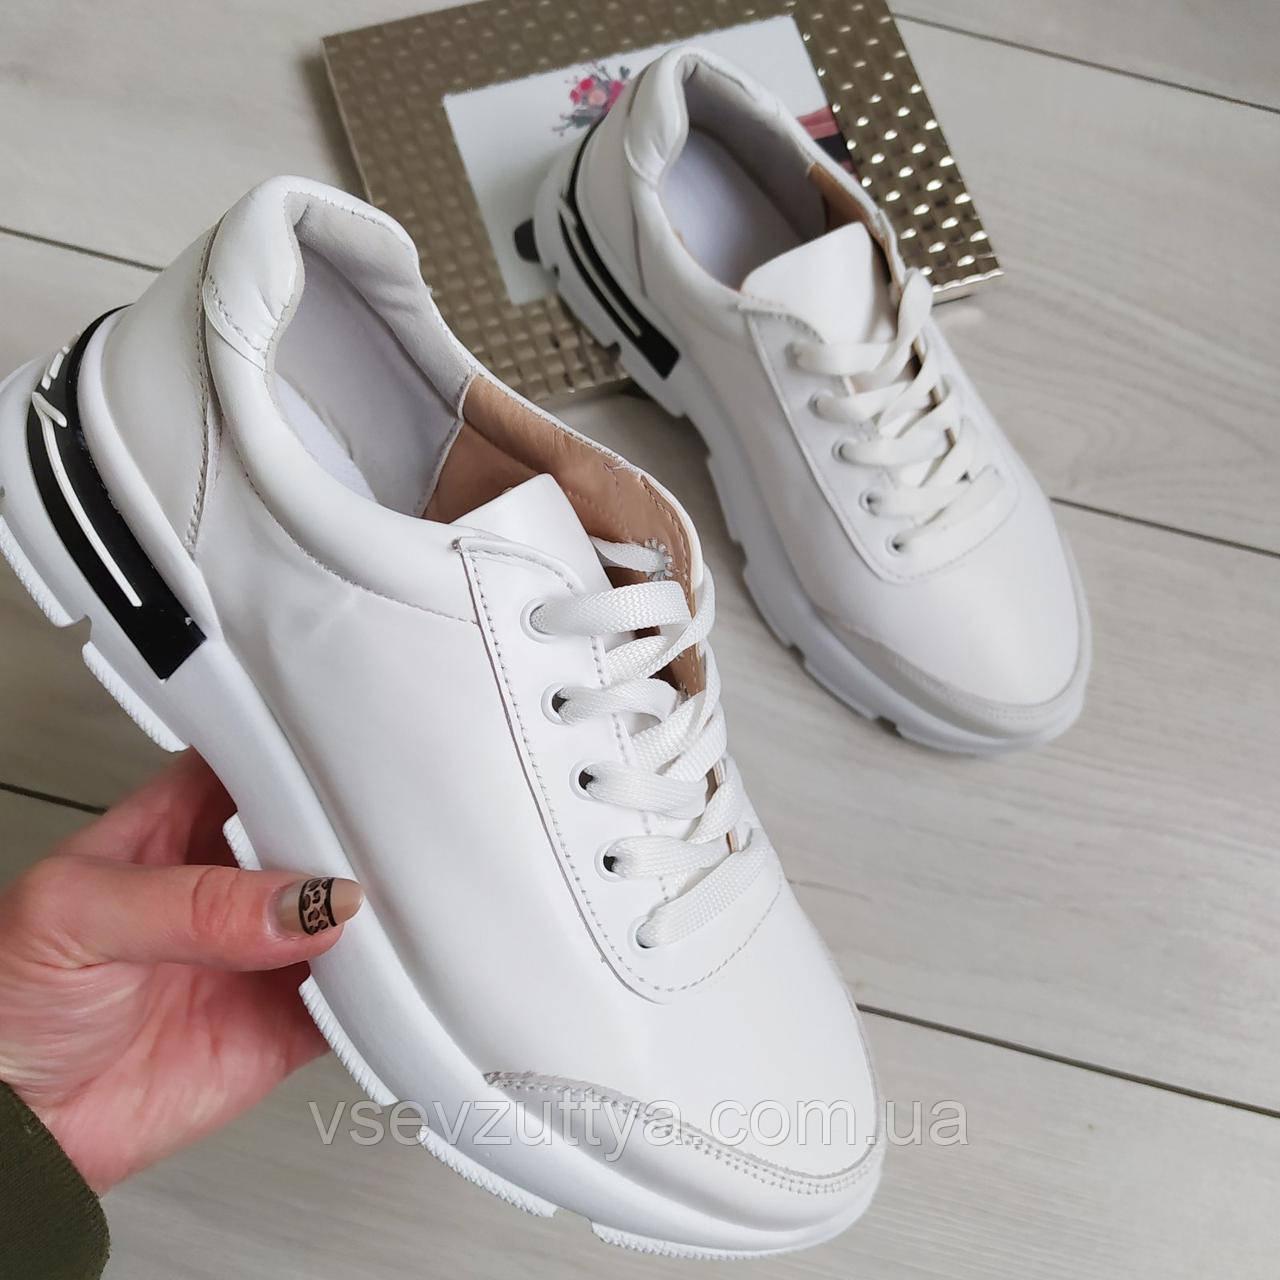 Кросівки жіночі шкіряні білі